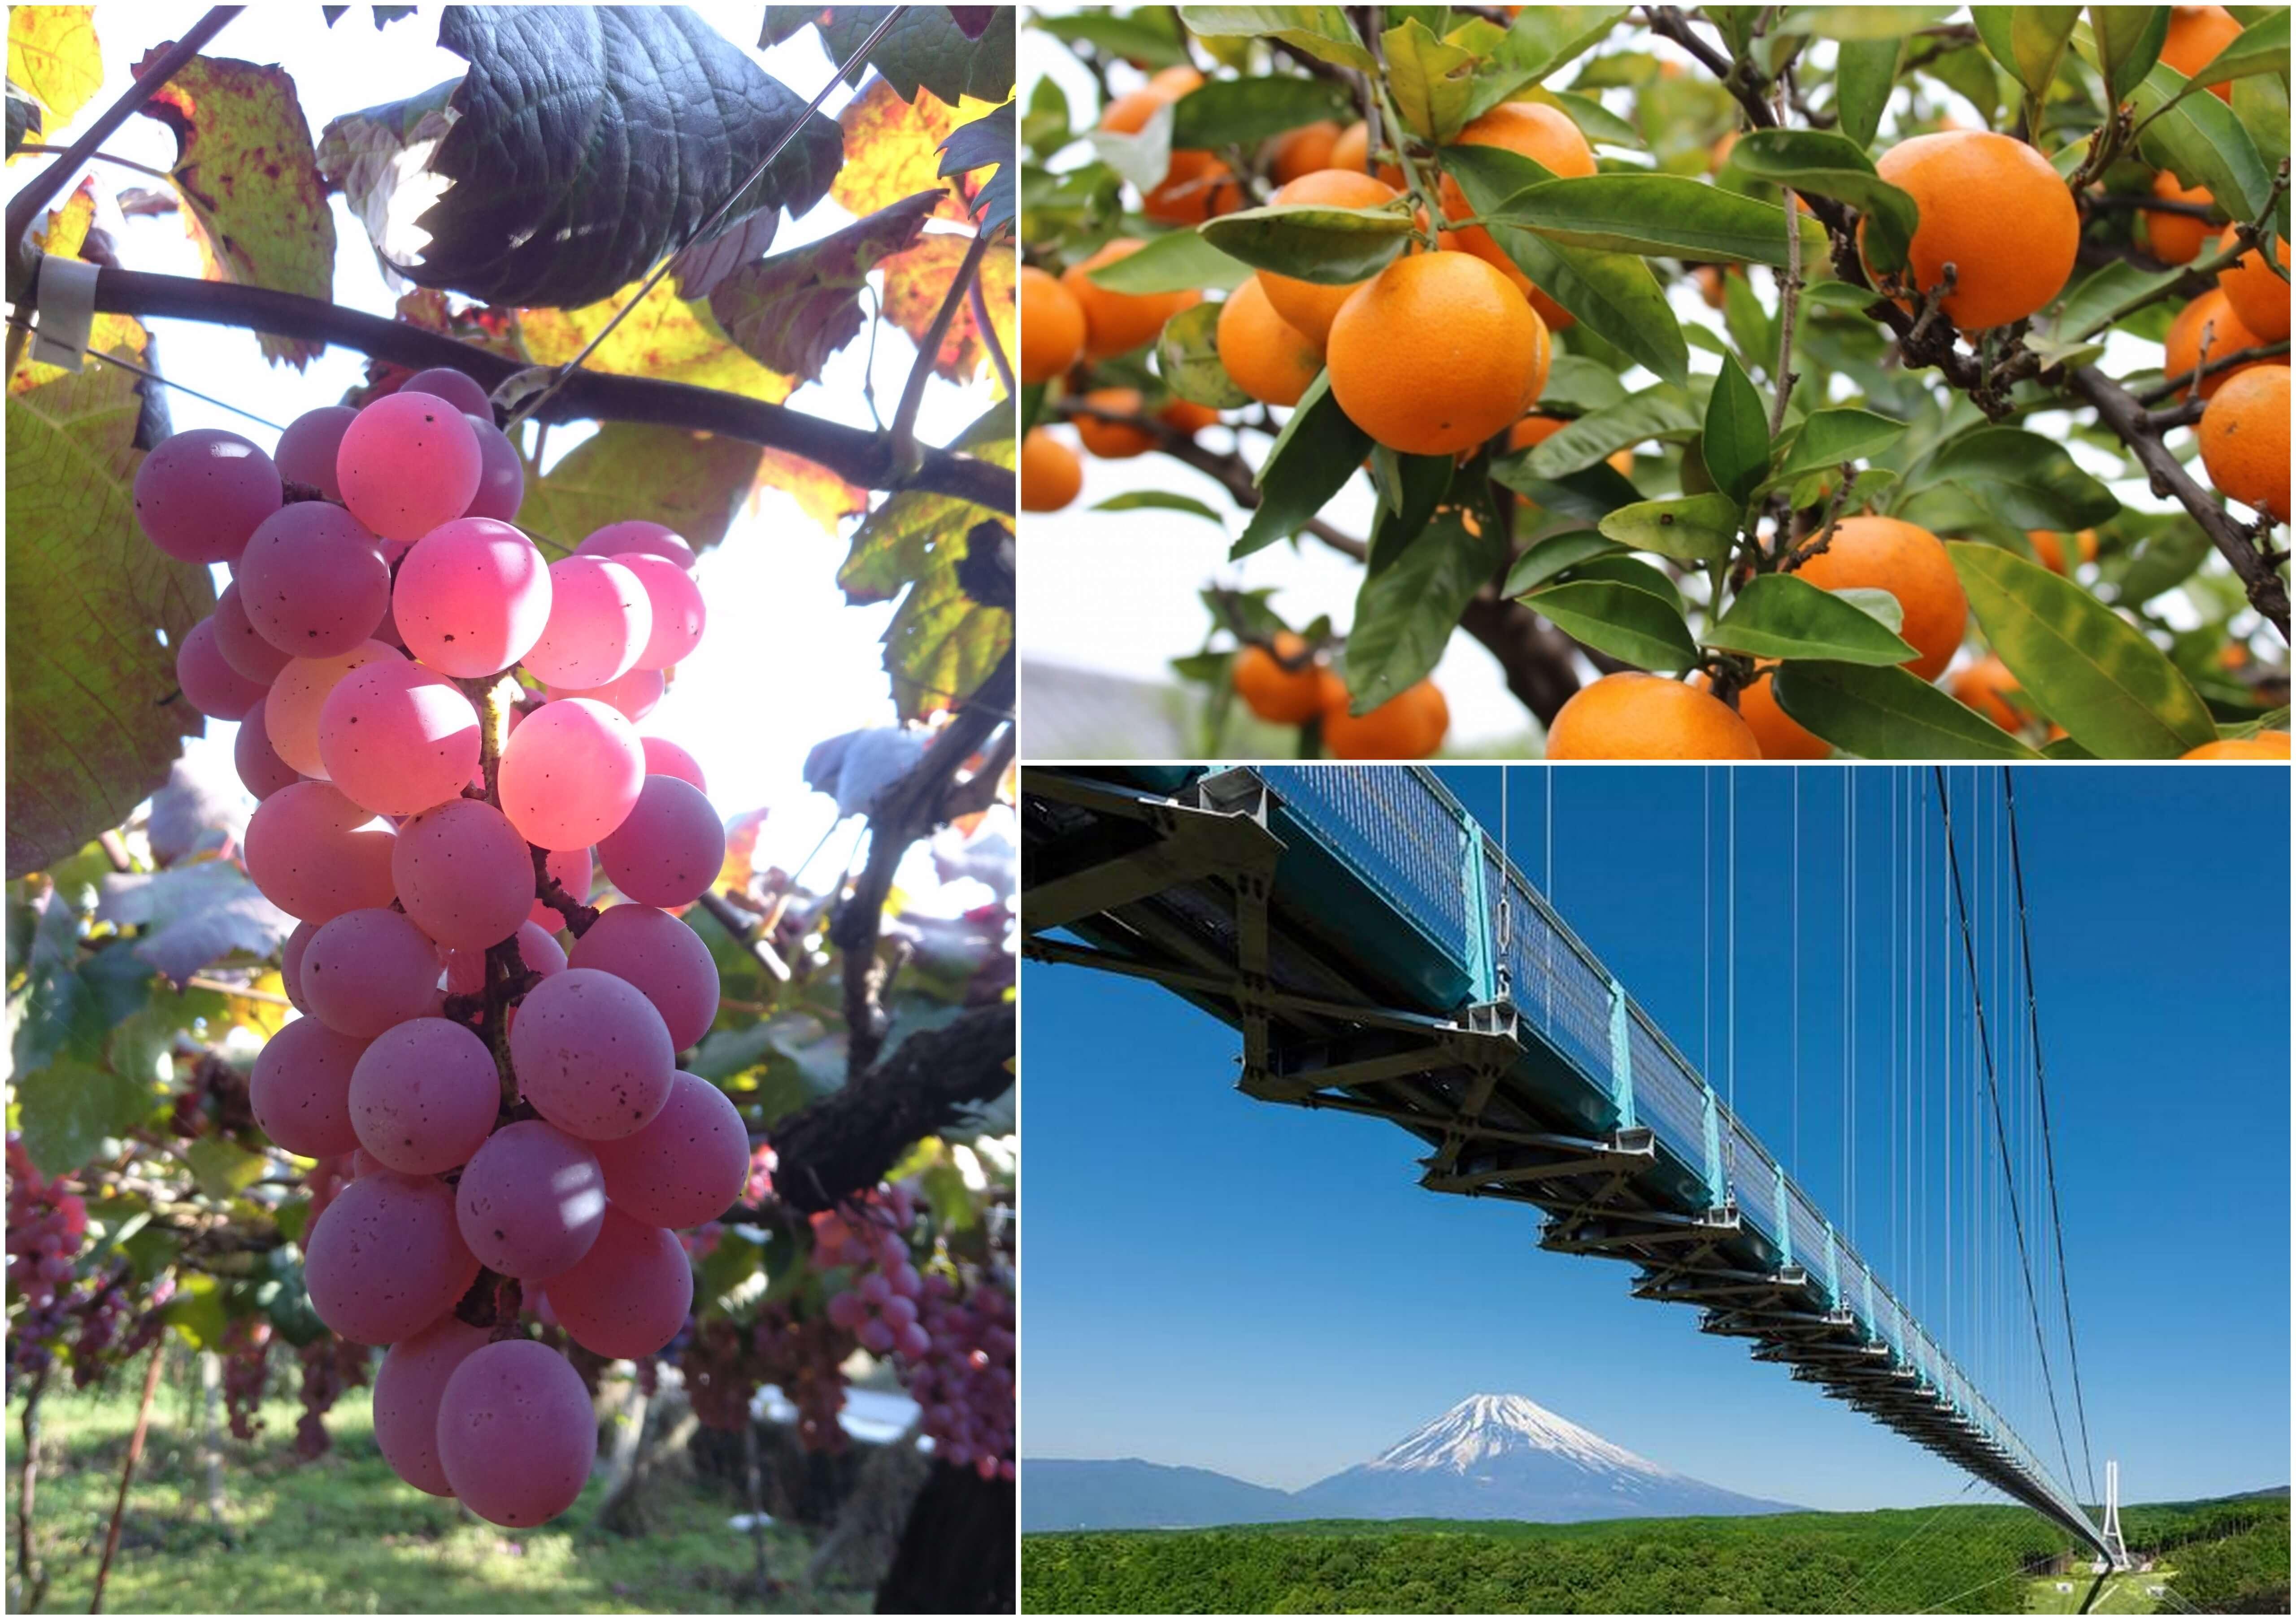 フルーツ大好き-秋-! ぶどう狩り&みかん狩りW食べ放題♪ 富士を望む日本最長の絶景吊り橋『三島スカイウォーク』